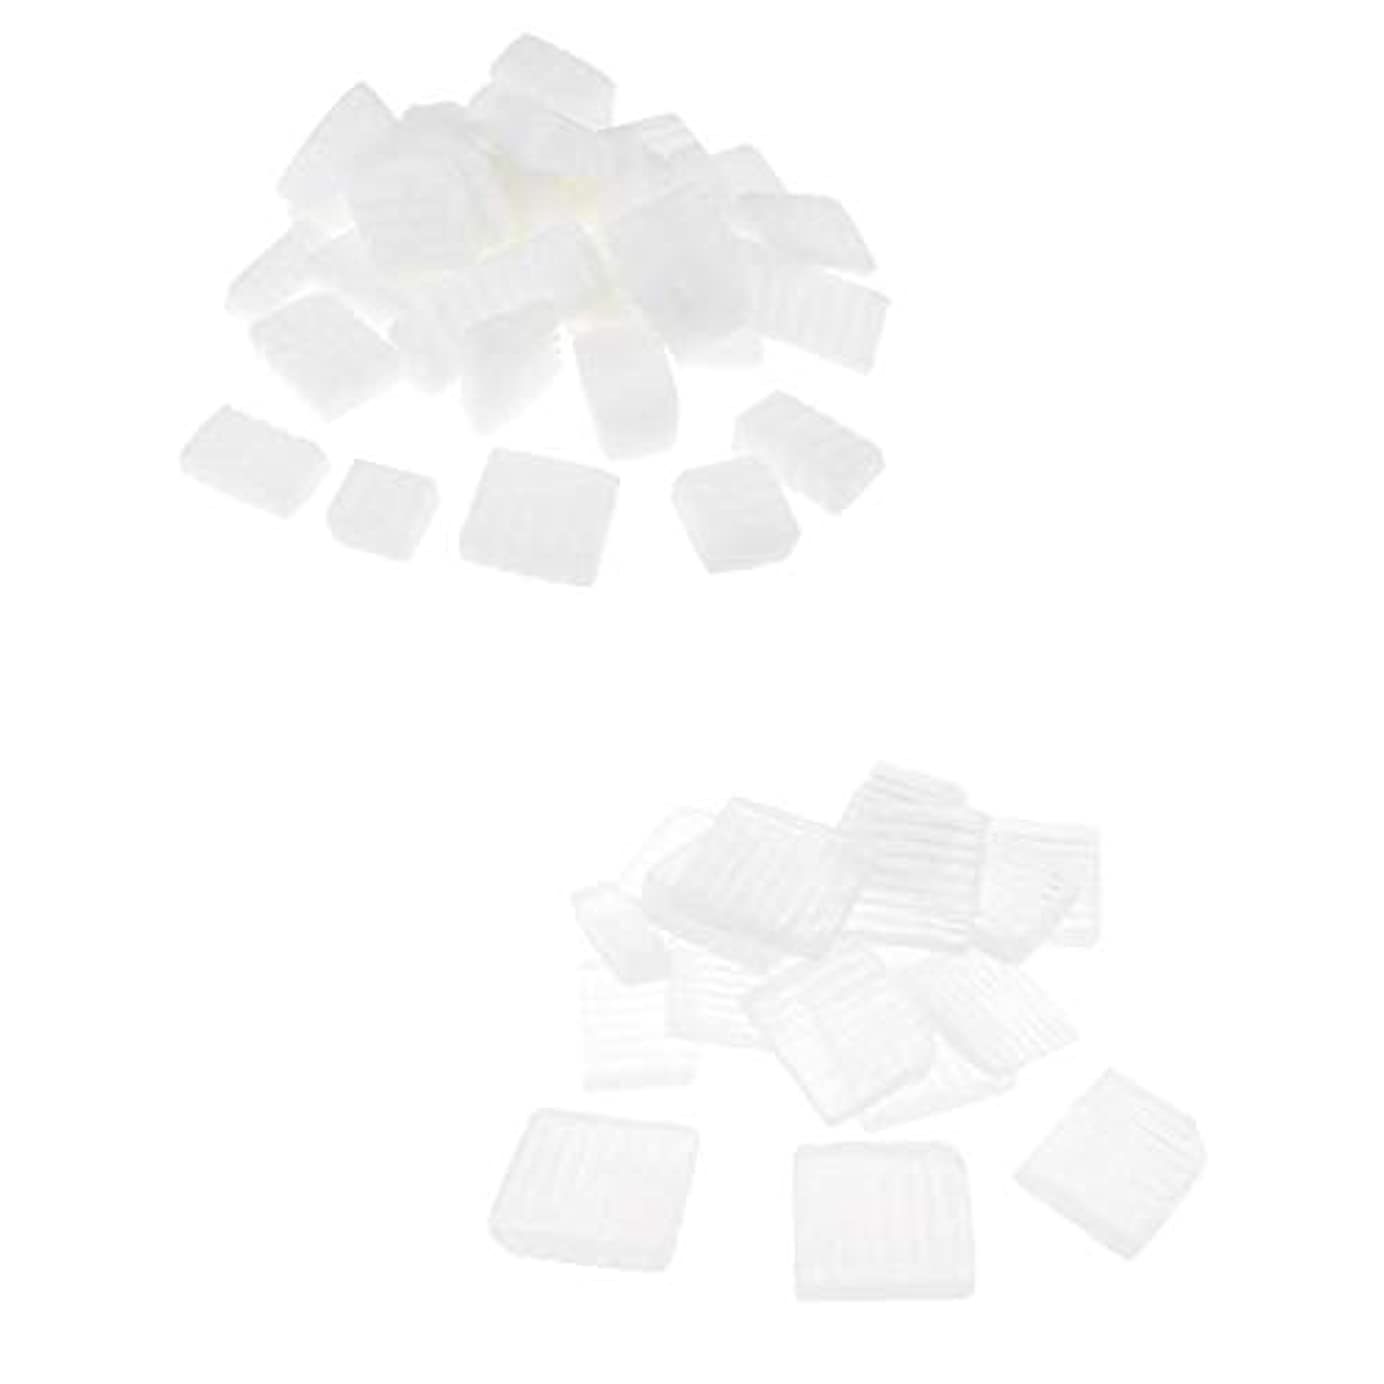 部族愛情するPerfeclan 固形せっけん ホワイト透明 手芸 バス用品 手作り ハンドメイド 石鹸製造 安全健康 2種混合